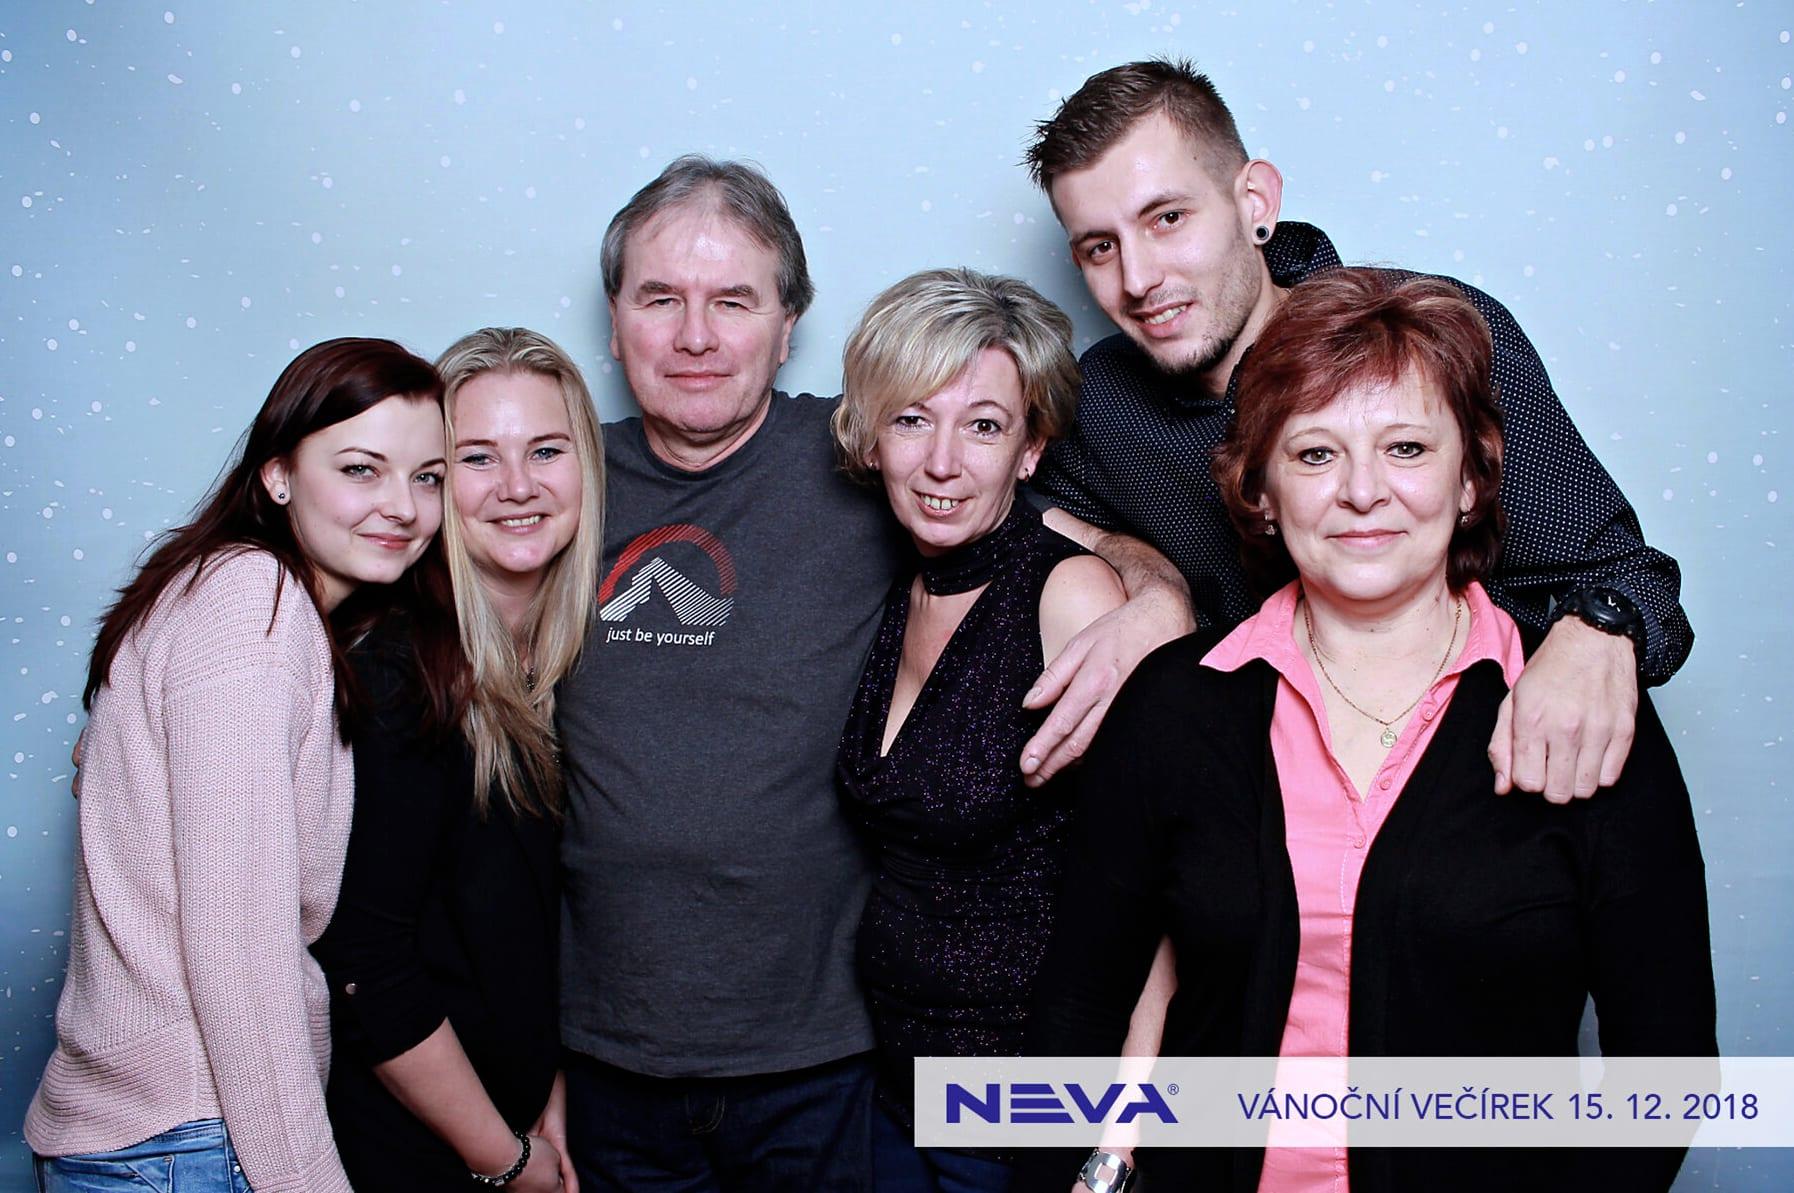 fotokoutek-neva-15-12-2018-552920